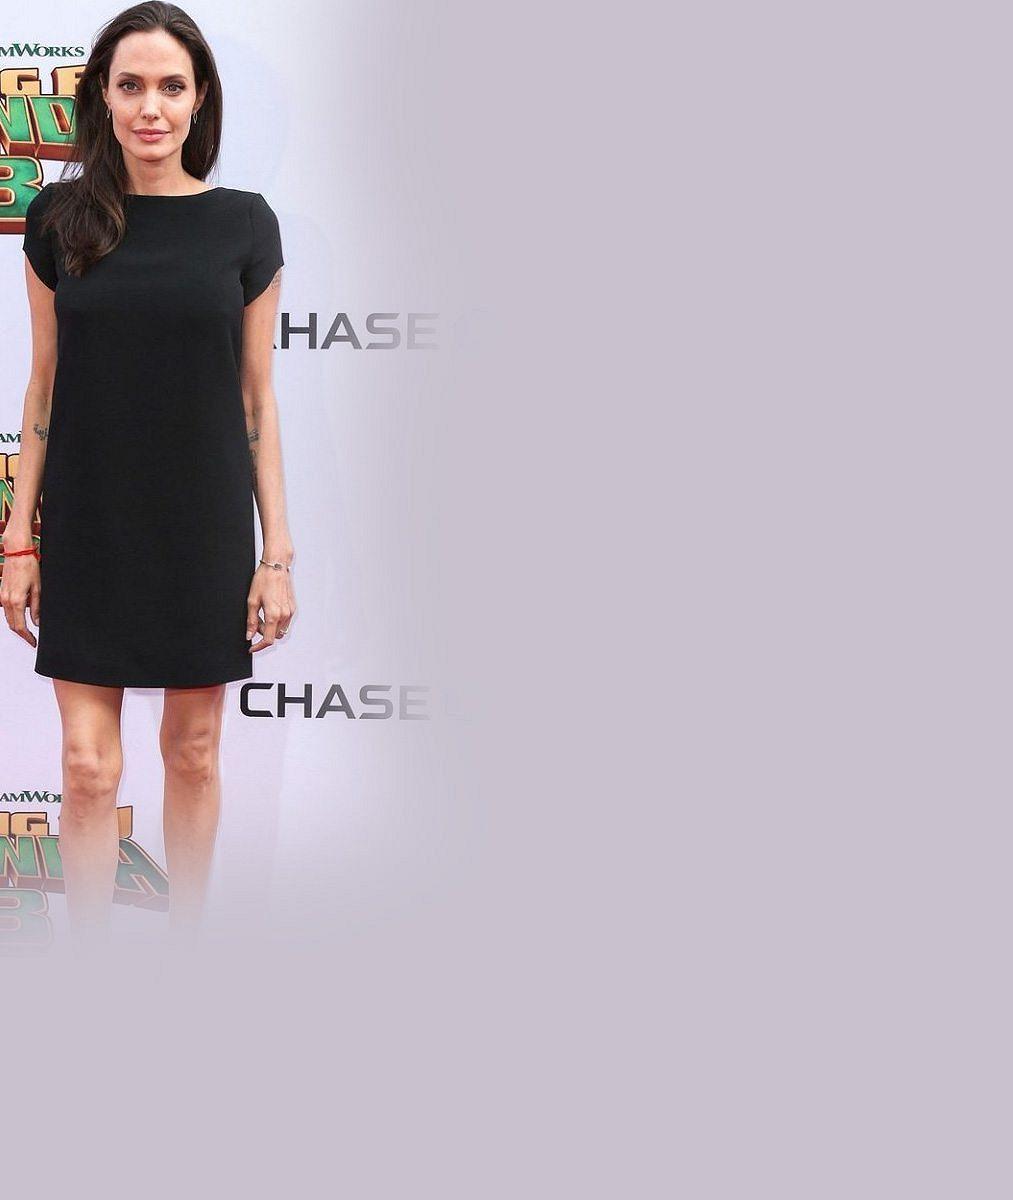 Konec hollywoodského snu? Angelina Jolie a Brad Pitt mají už rok žít odděleně